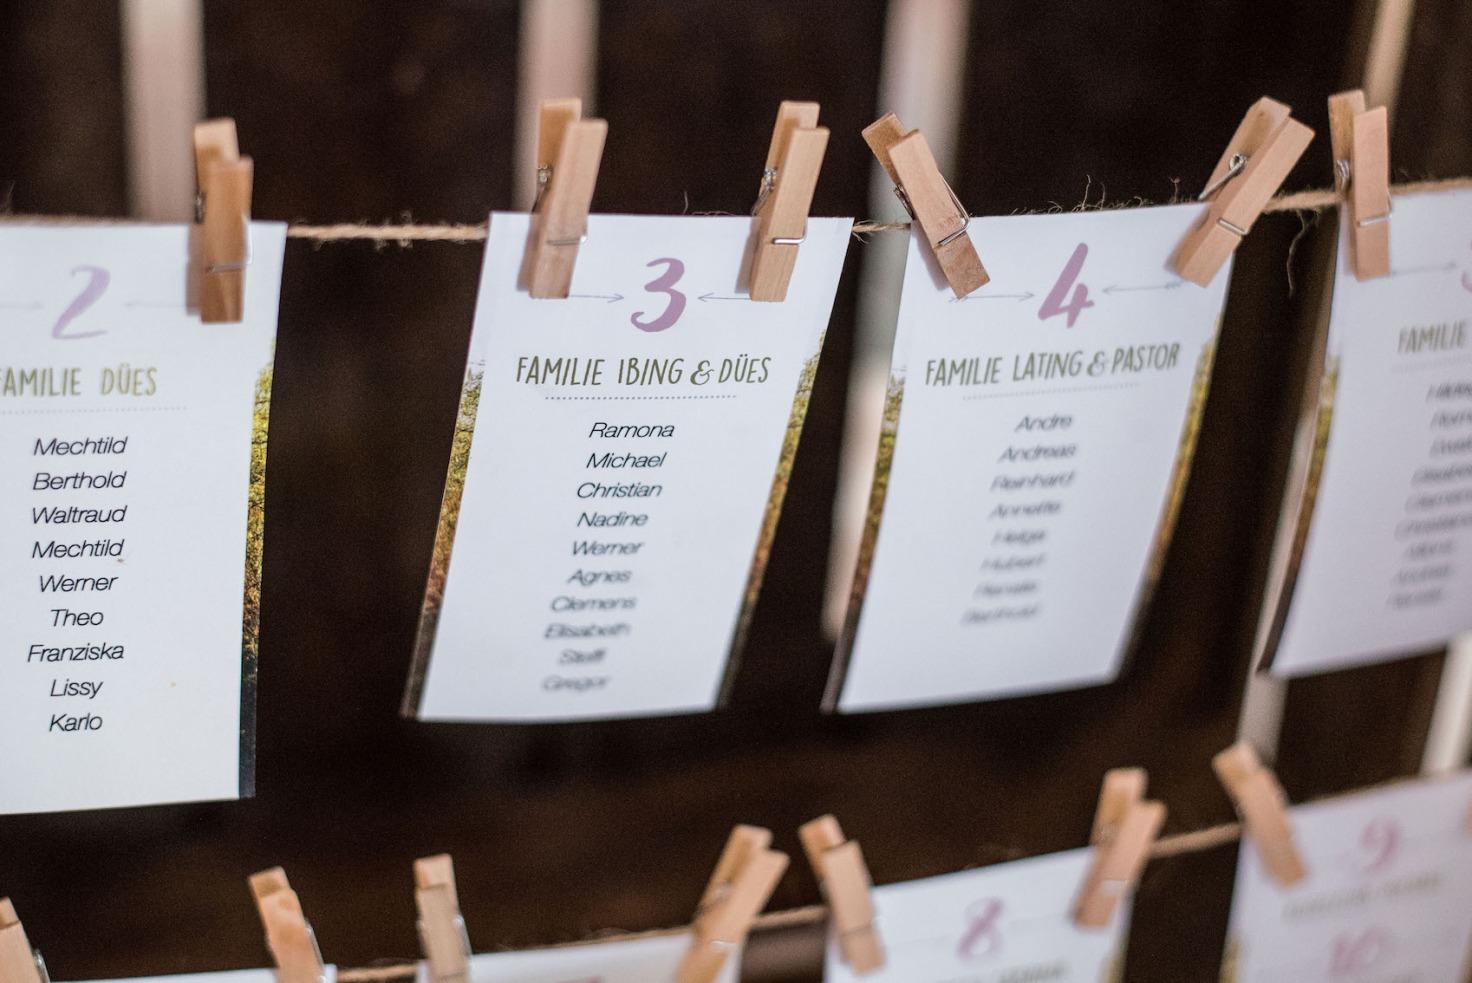 Hochzeit von Sabrina und Michael in Münster: Hängende Tischkarten